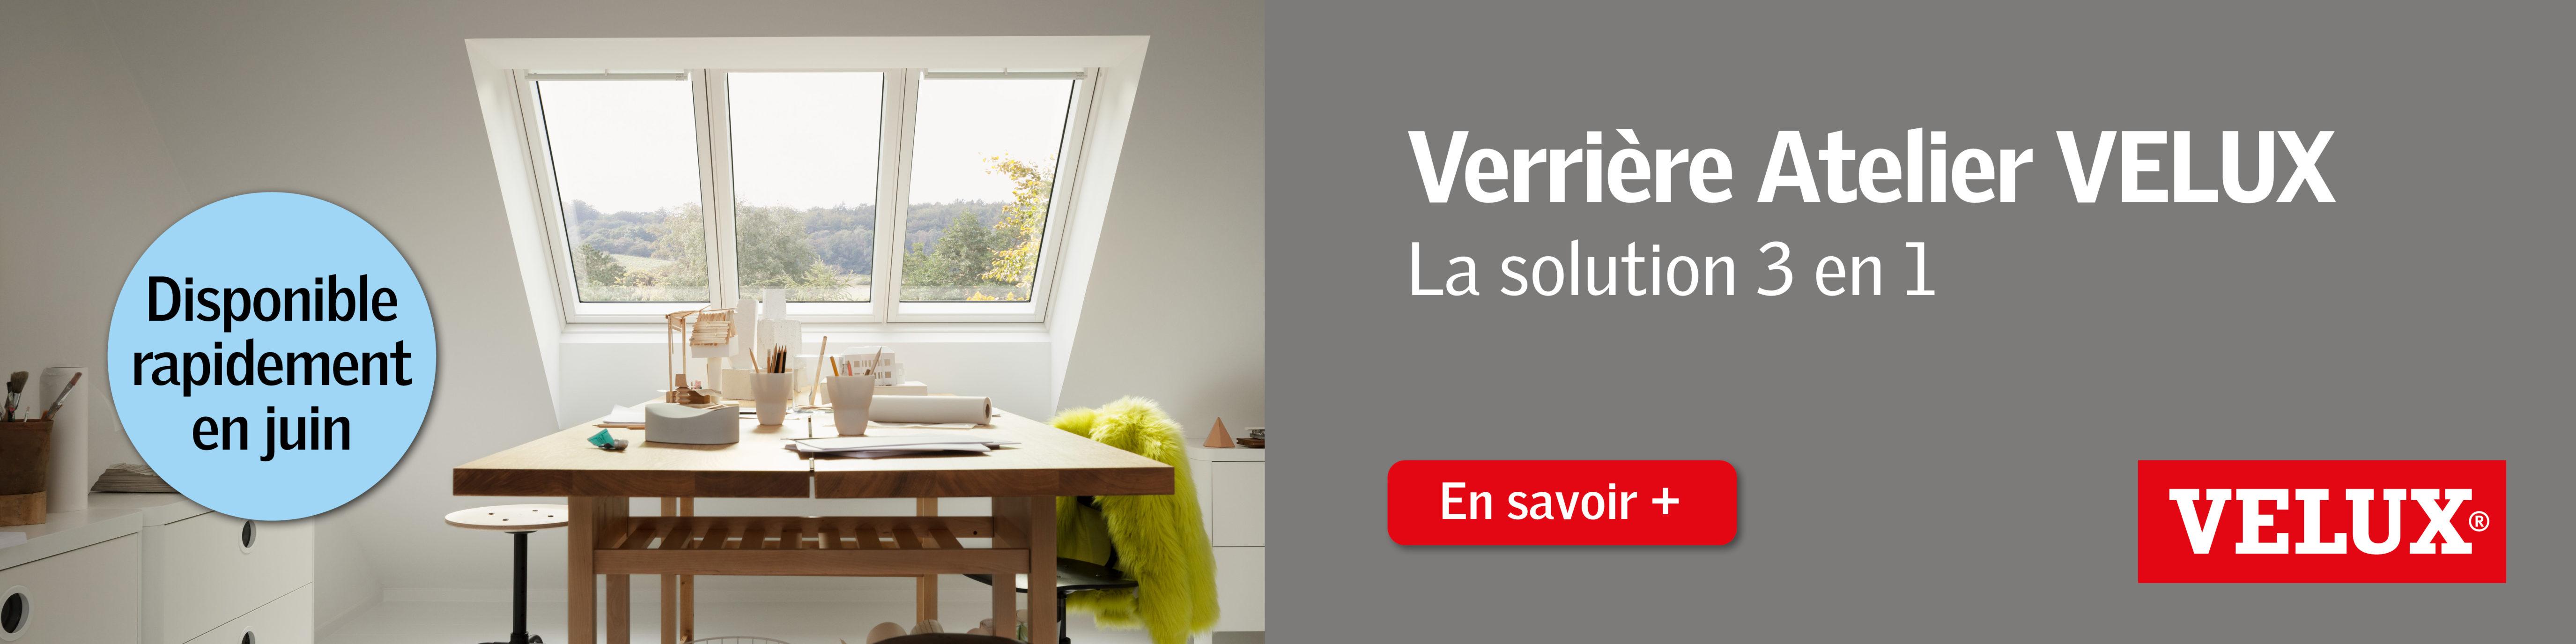 Offre spéciale VELUX – La nouvelle verrière atelier!